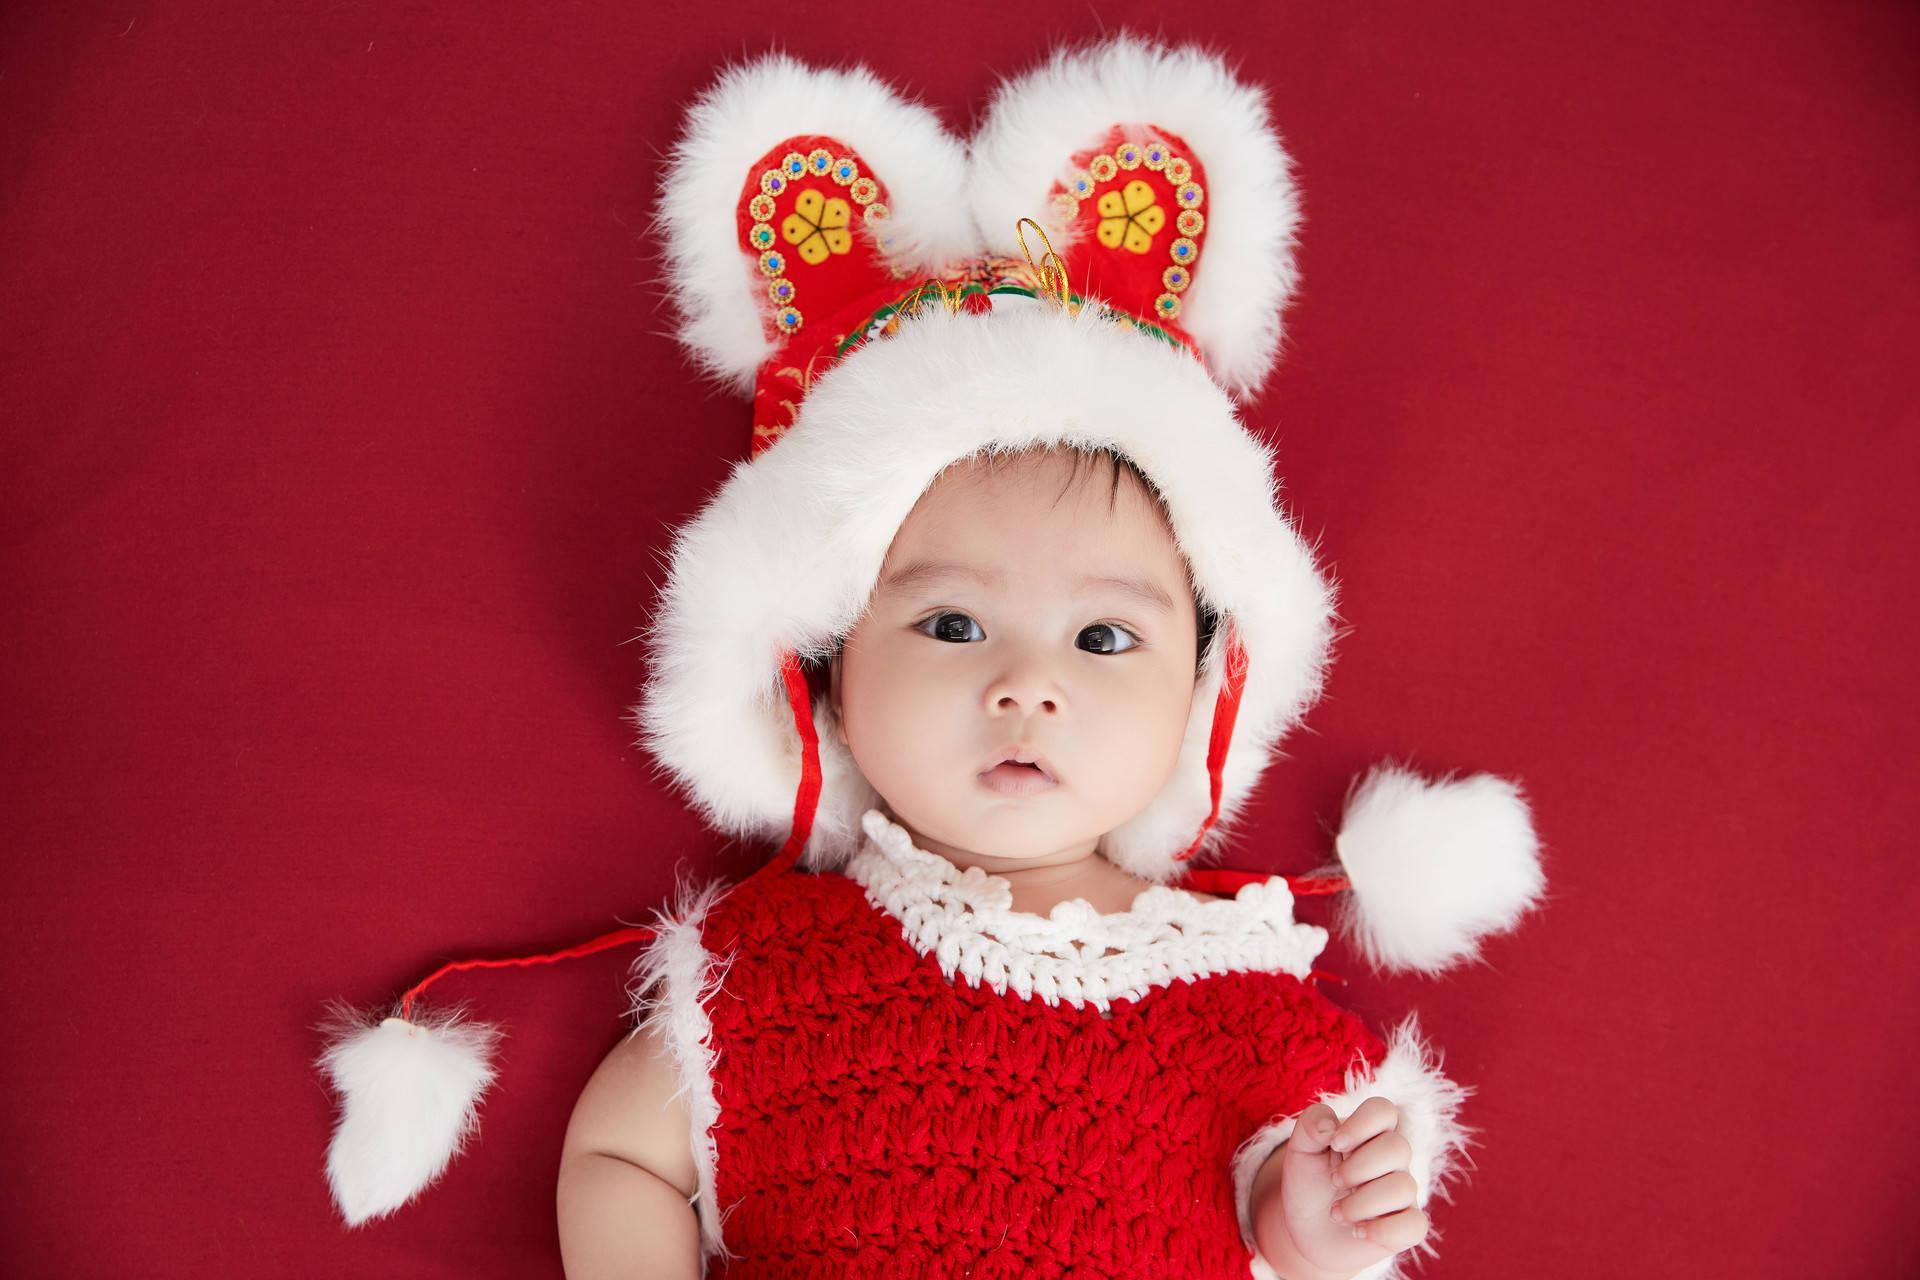 宝宝百天身体变化大,掌握四个养育要点,让孩子长得快少生病  第1张